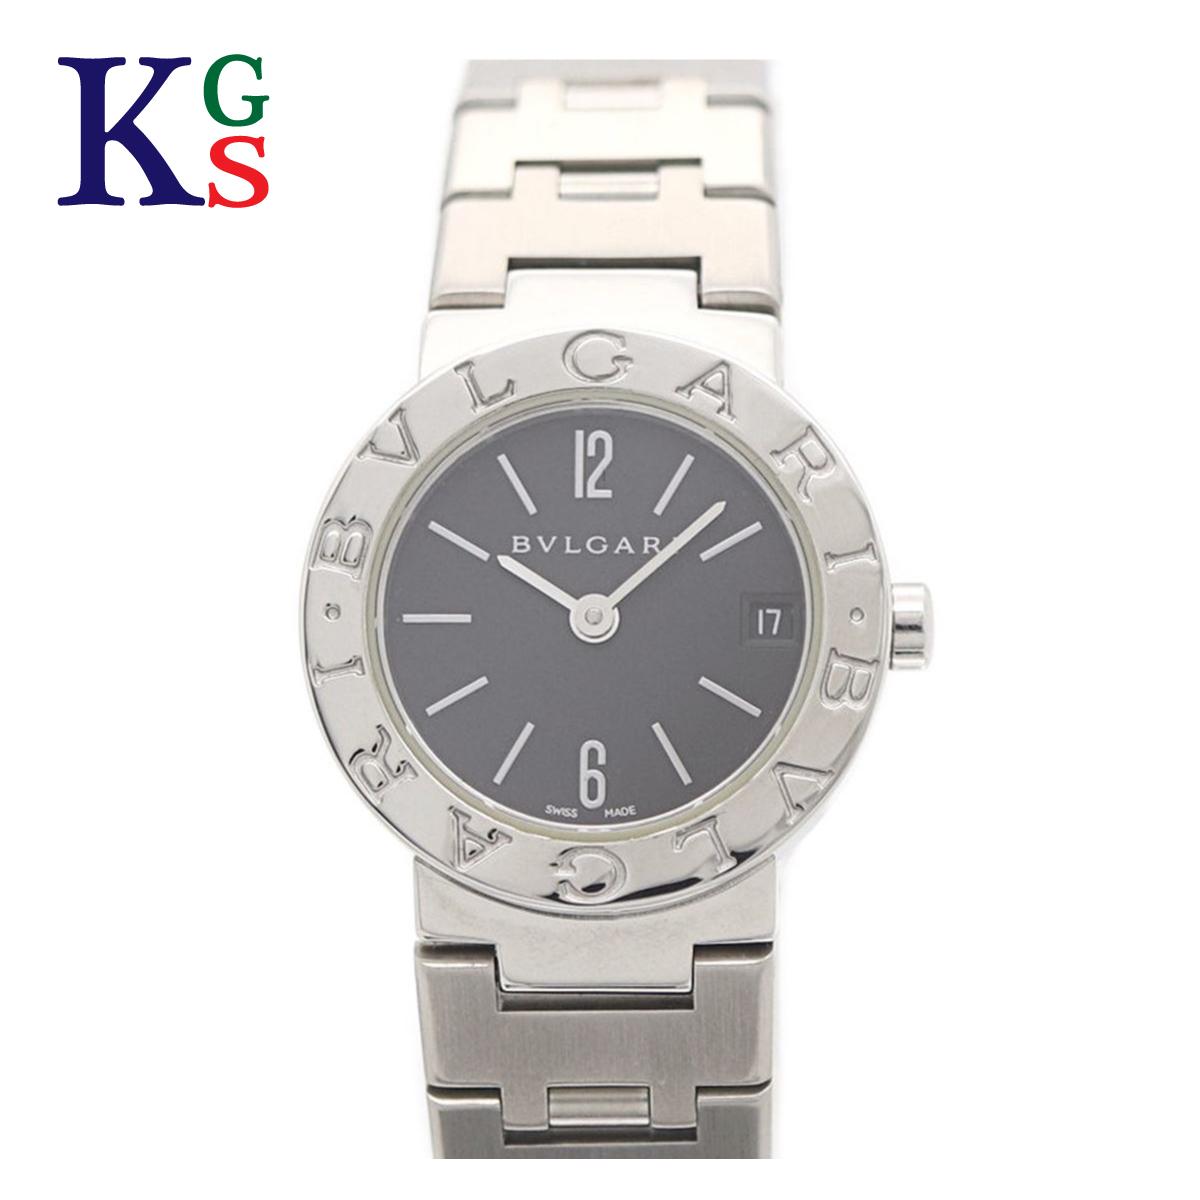 【ギフト品質】ブルガリ/BVLGARI レディース 腕時計 BVLGARI×BVLGARI 黒文字盤 ステンレススチール クオーツ BB23SS